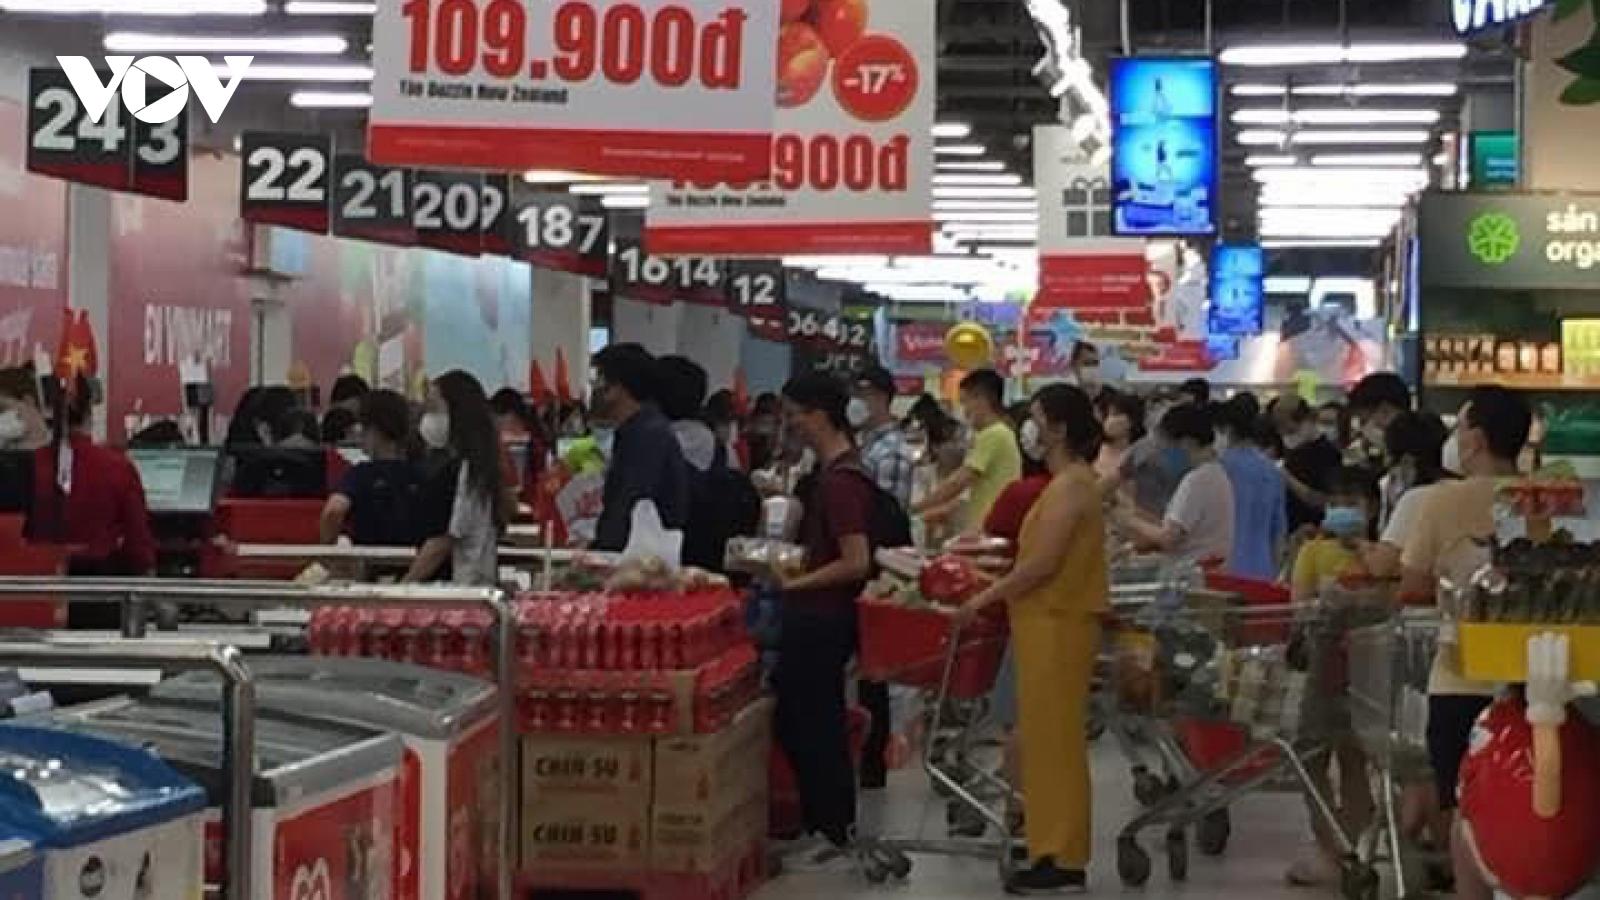 Nghe đồn Hà Nội giãn cách, nhiều người đổ vào siêu thị mua hàng